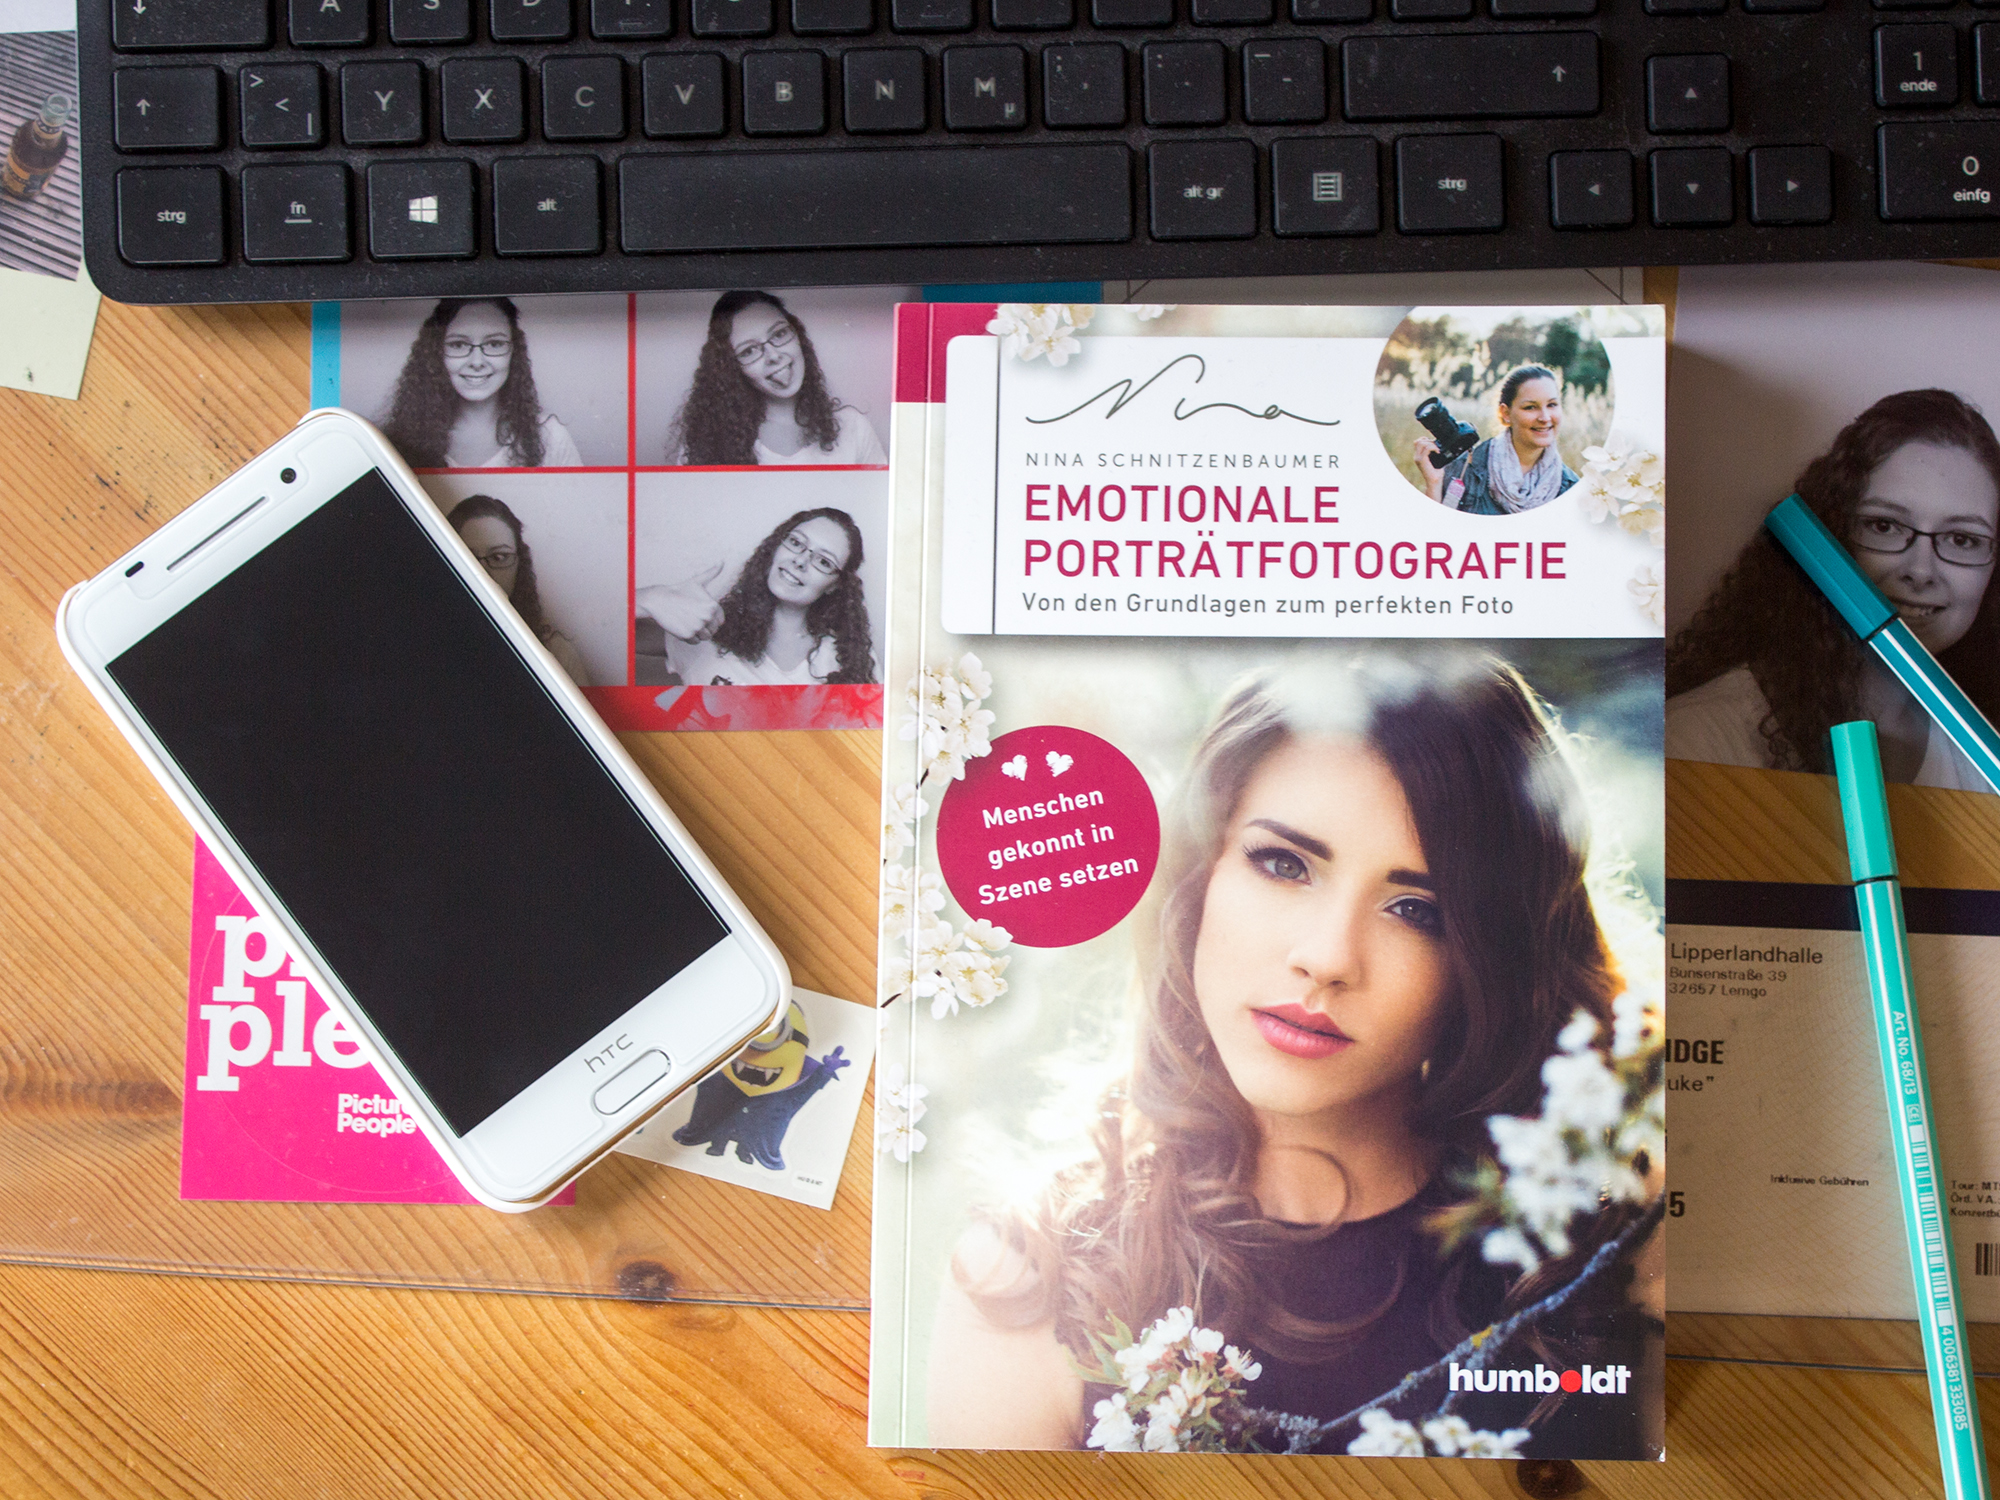 Emotionale Portraitfotografie Cover